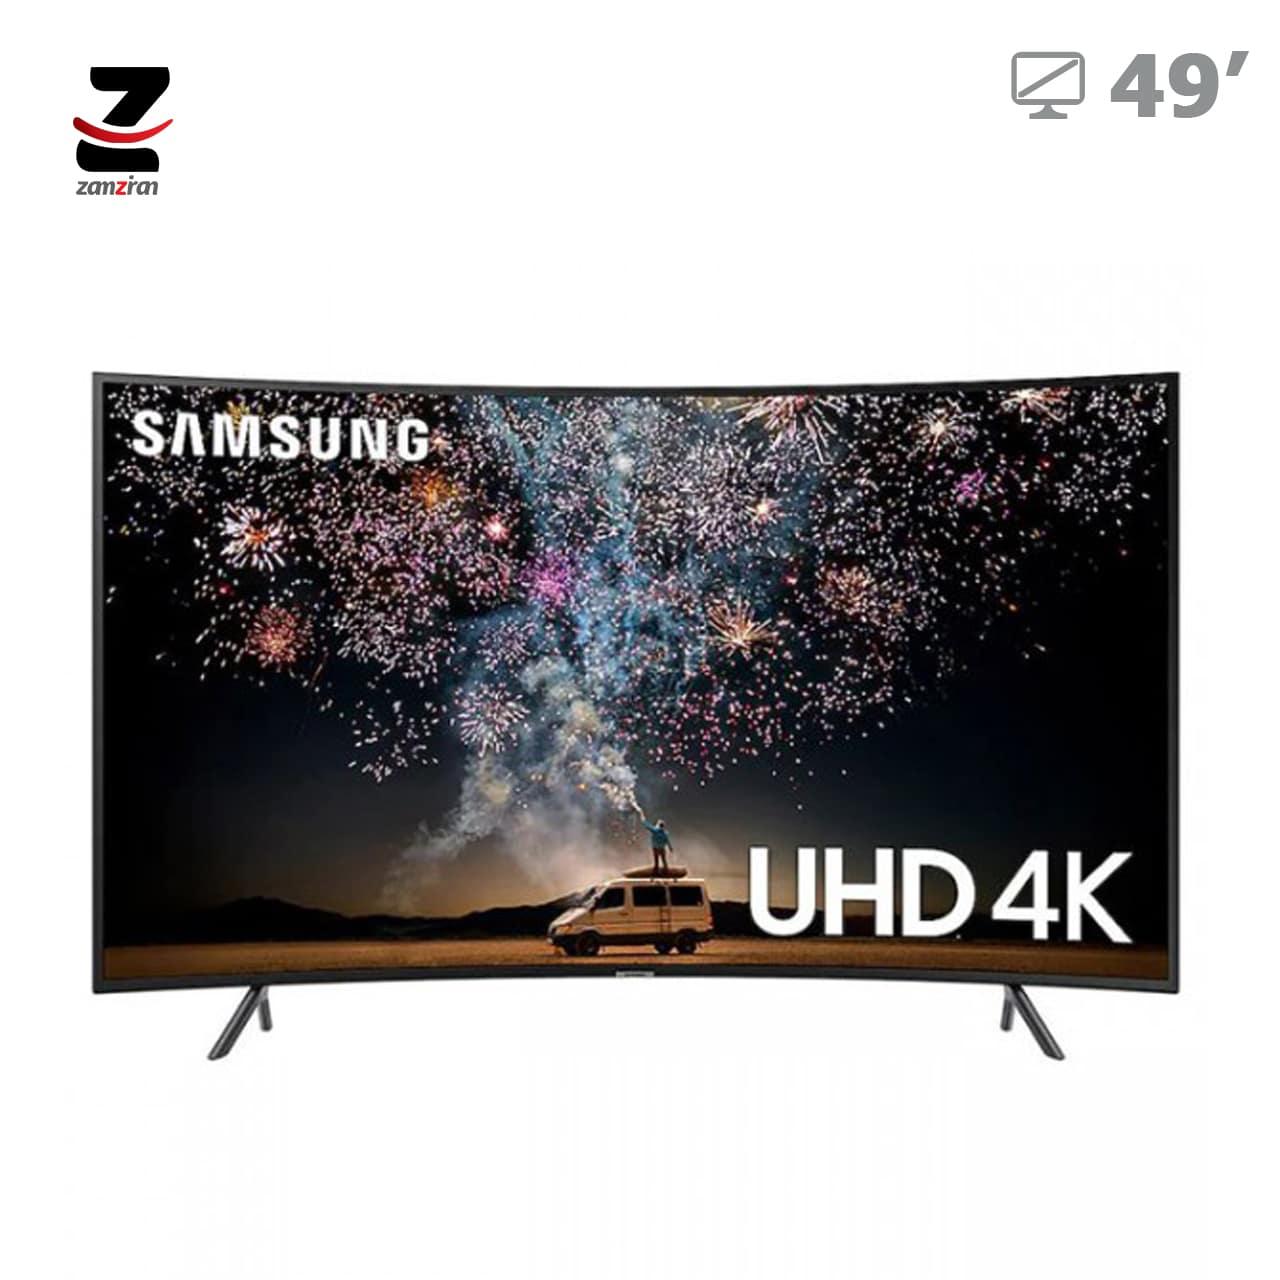 تلویزیون ال ای دی هوشمند 4K Ultra HD سامسونگ سایز 49 اینچ مدل 49RU7300